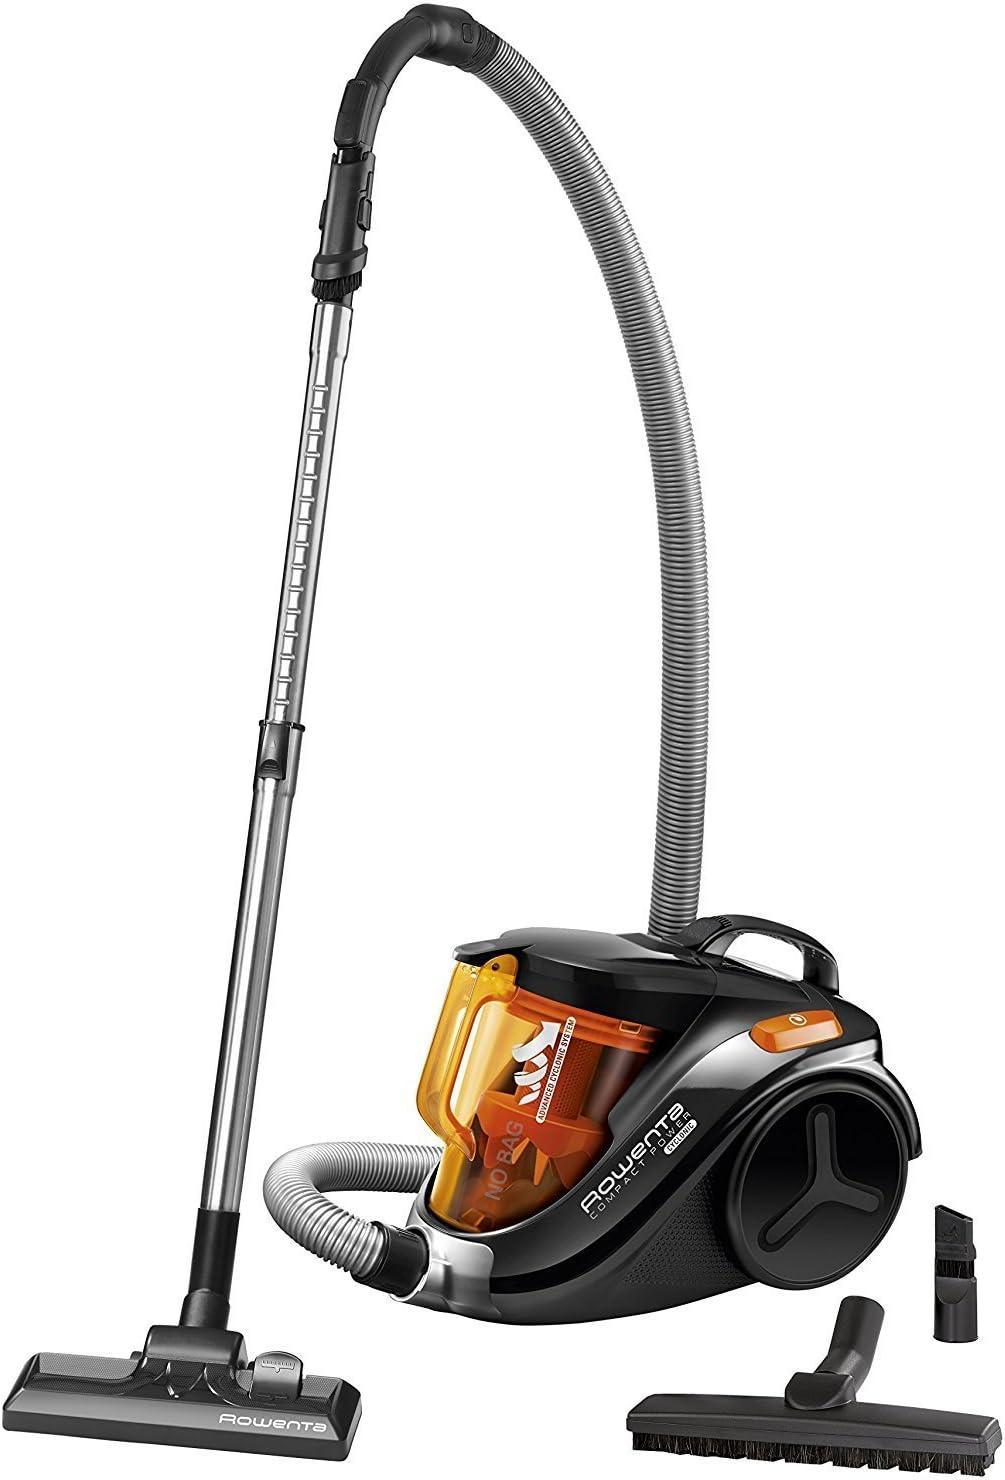 Rowenta Compact Power Cyclonic RO3753 - Aspirador, color negro [Clase de eficiencia energética A] (Reacondicionado Certificado): Amazon.es: Hogar